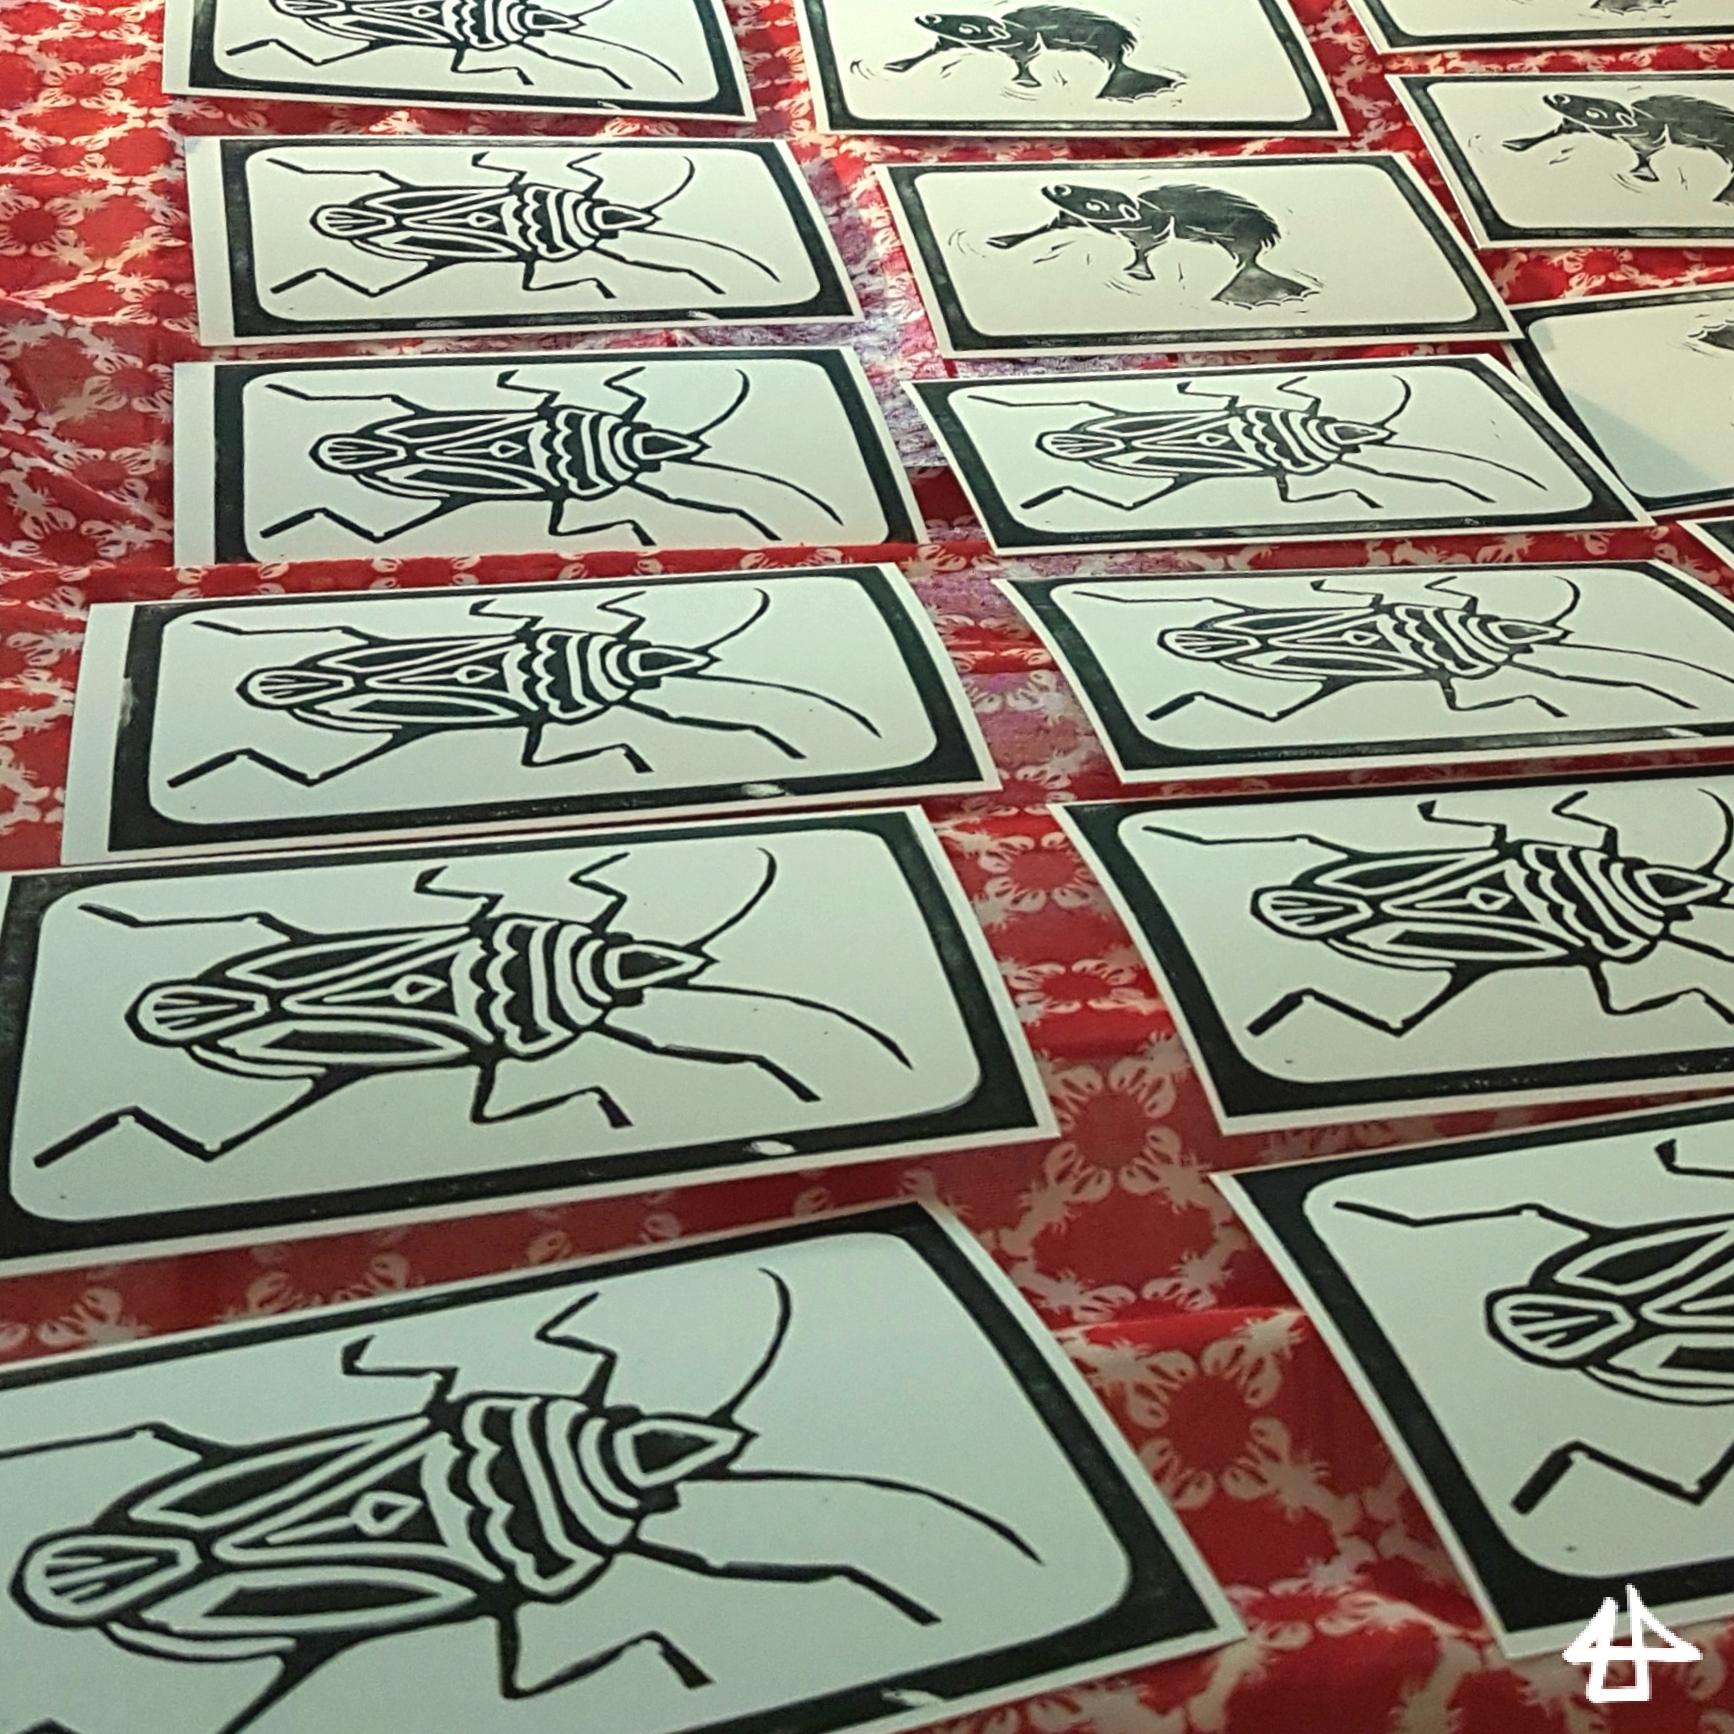 Foto von vielen bedruckten Postkarten, schwarz auf weiß, die auf einen rot-weiss gemusterten Tuch liegen. Im Vordergrund ist das Motiv des Linoldruckes eine Wanze und im Hintergrund sind auch vereinzelte Ottermotive.